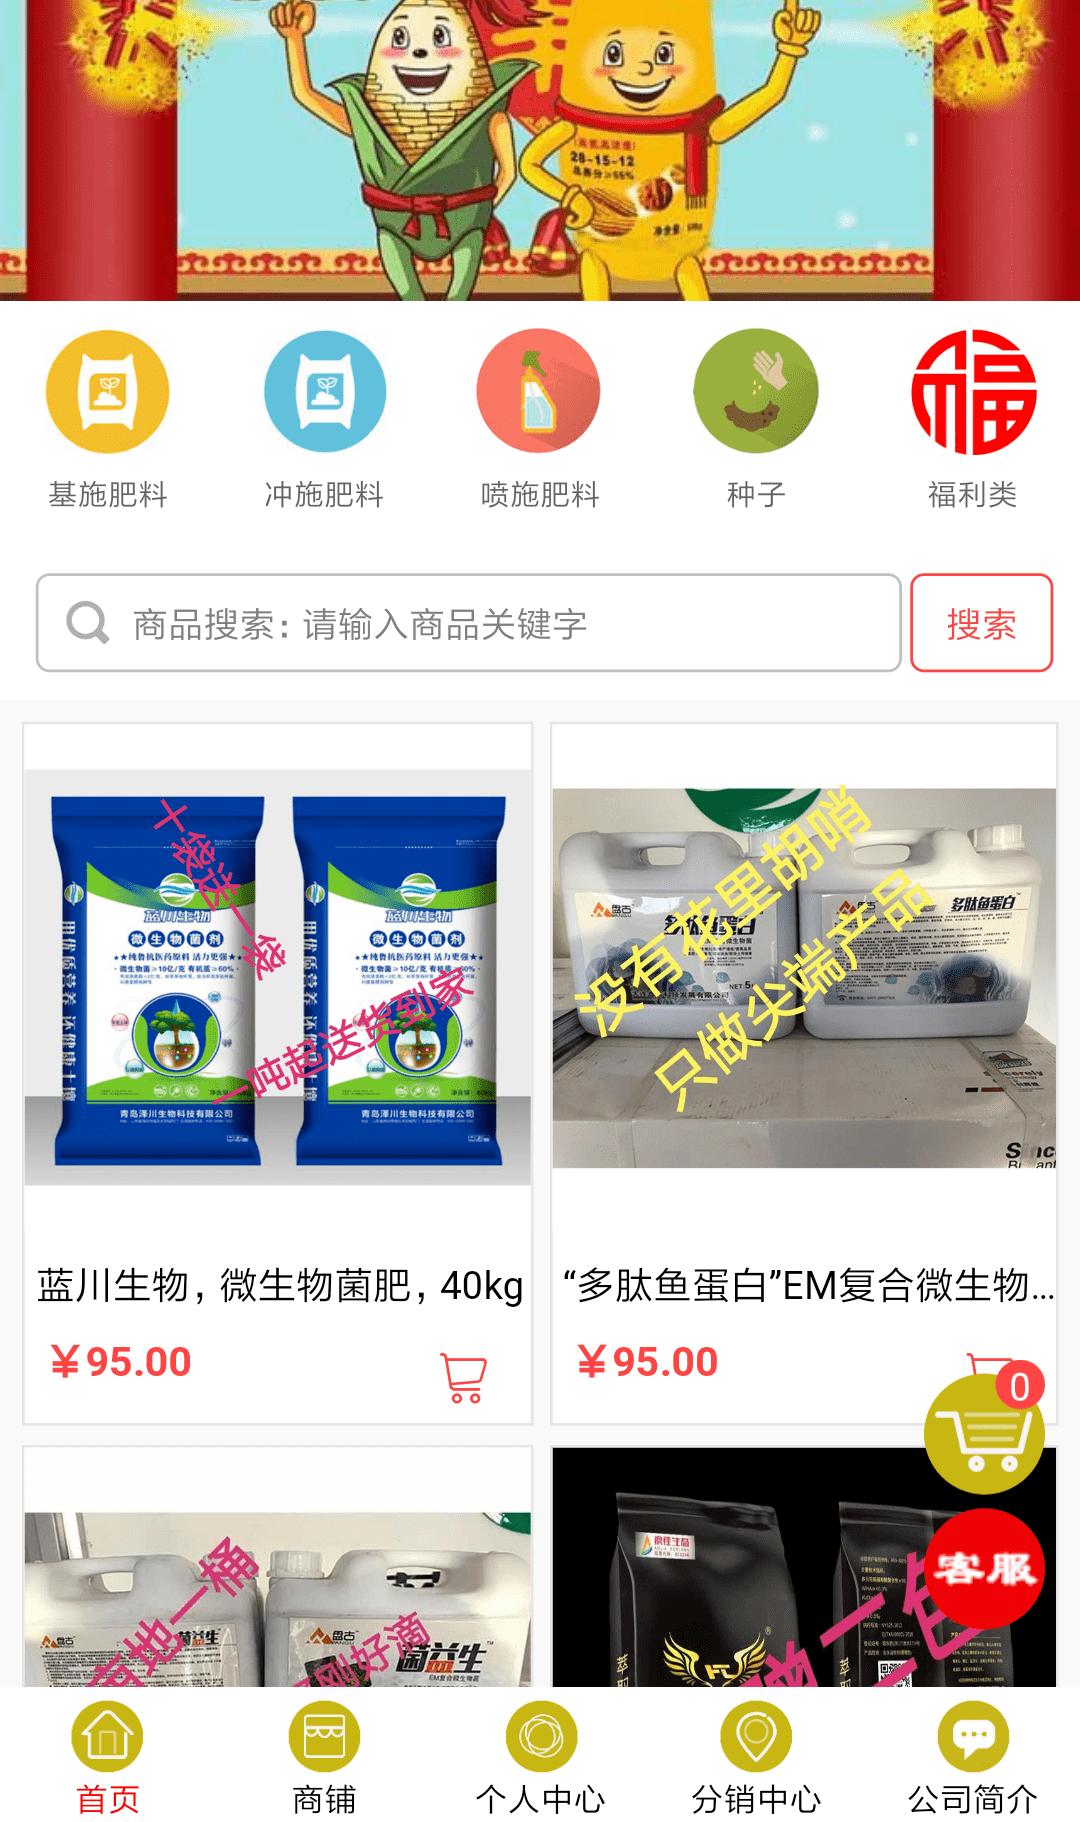 微信农资群购小程序